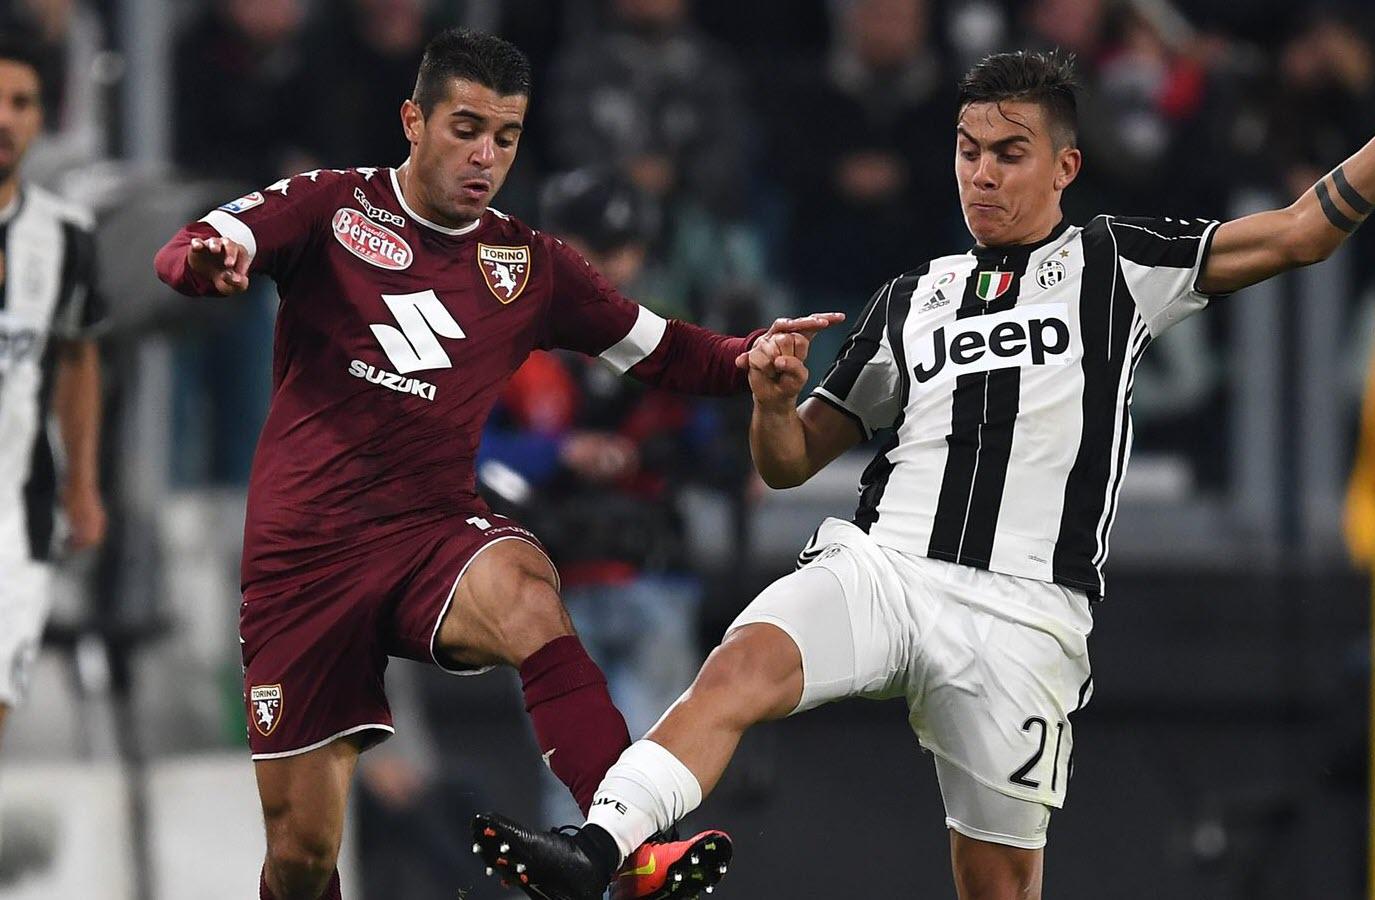 Soi kèo Spezia vs Juventus, 21h00 ngày 1/11, VĐQG Italia